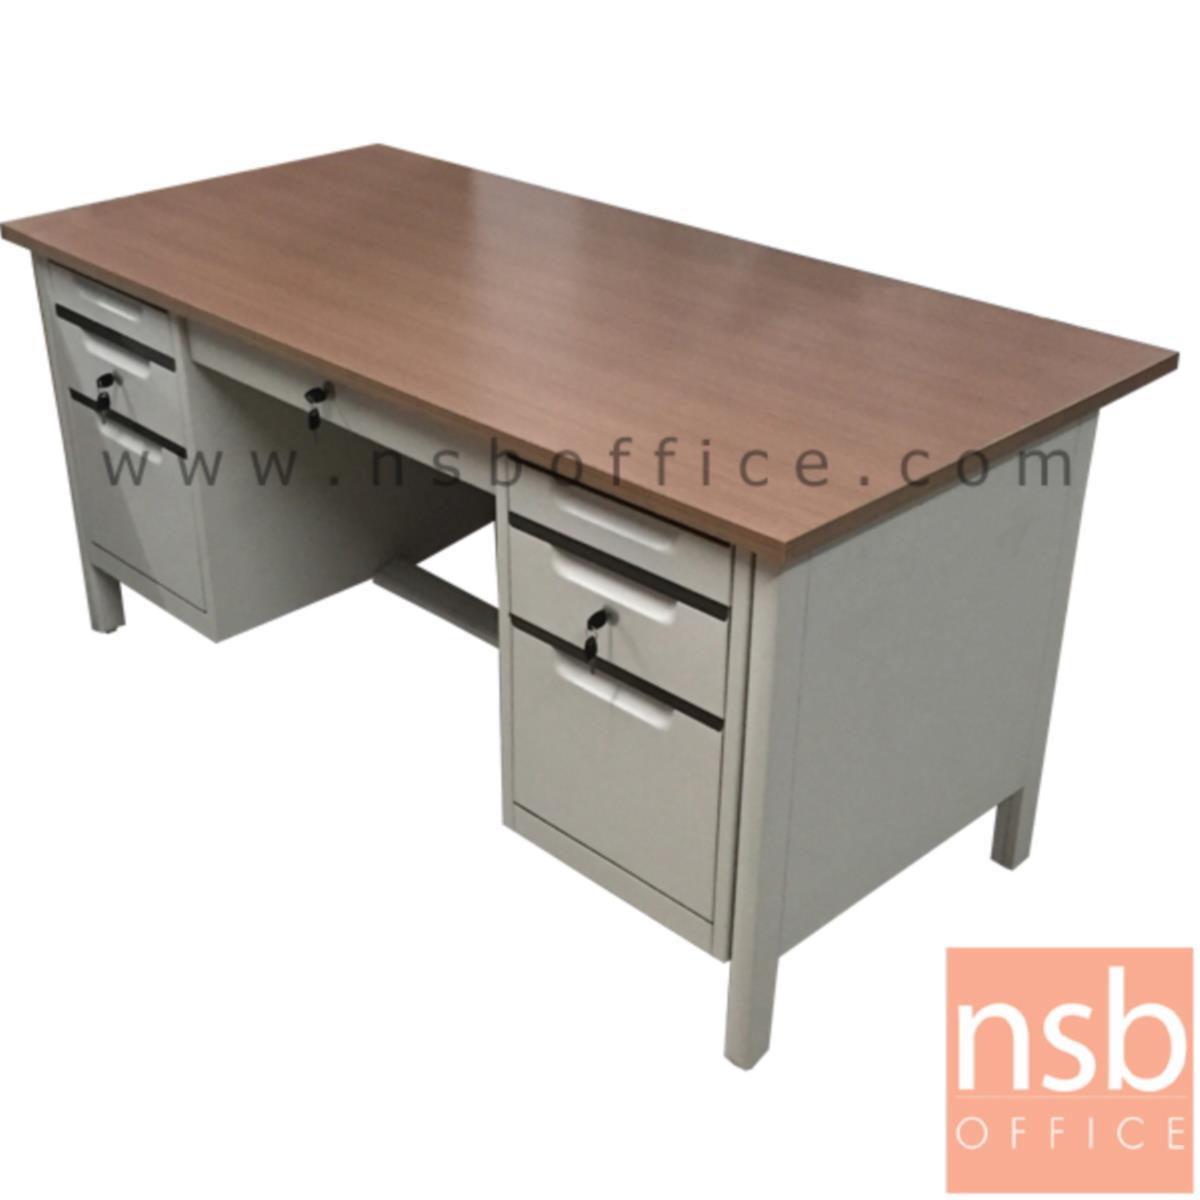 โต๊ะทำงานเหล็ก 7 ลิ้นชัก TOP เมลามีน  รุ่น TTD-50 ขนาด 160.5W*75H cm. ขากล่องใหม่ชิดริม